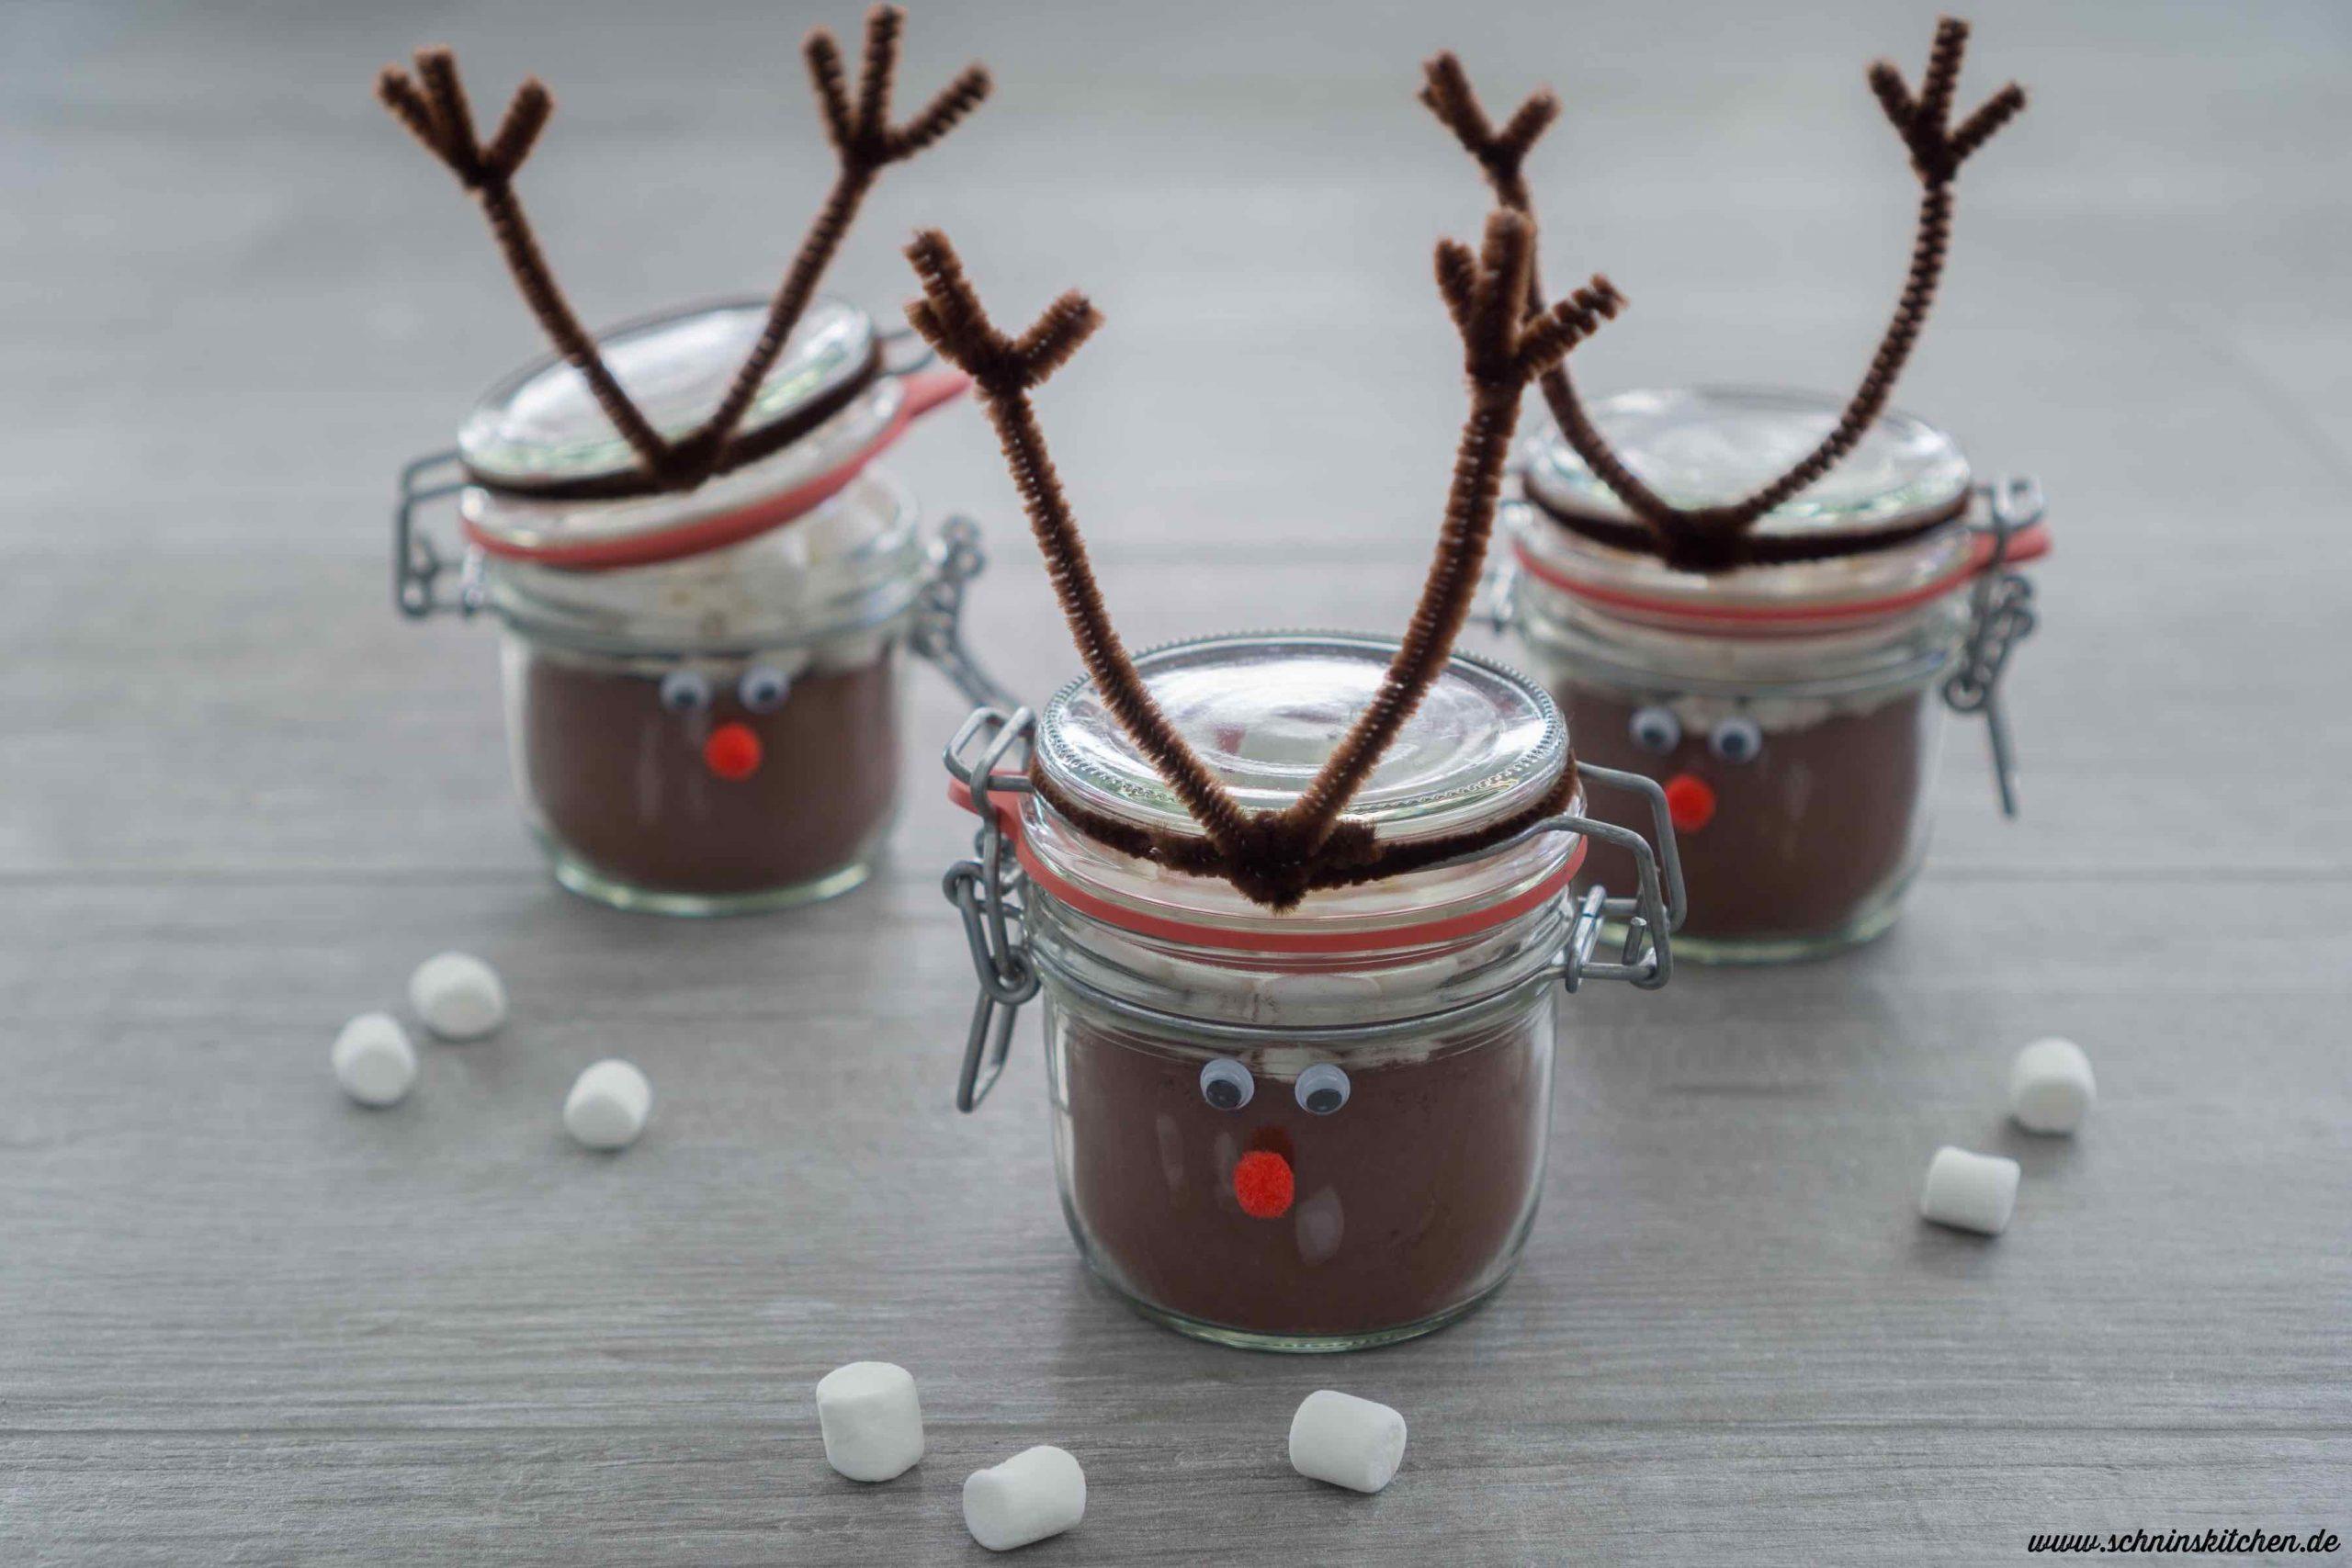 Rentierglas Basteln Für Geschenke Aus Der Küche - Schnin's mit Bastelideen Für Weihnachten Zum Verschenken